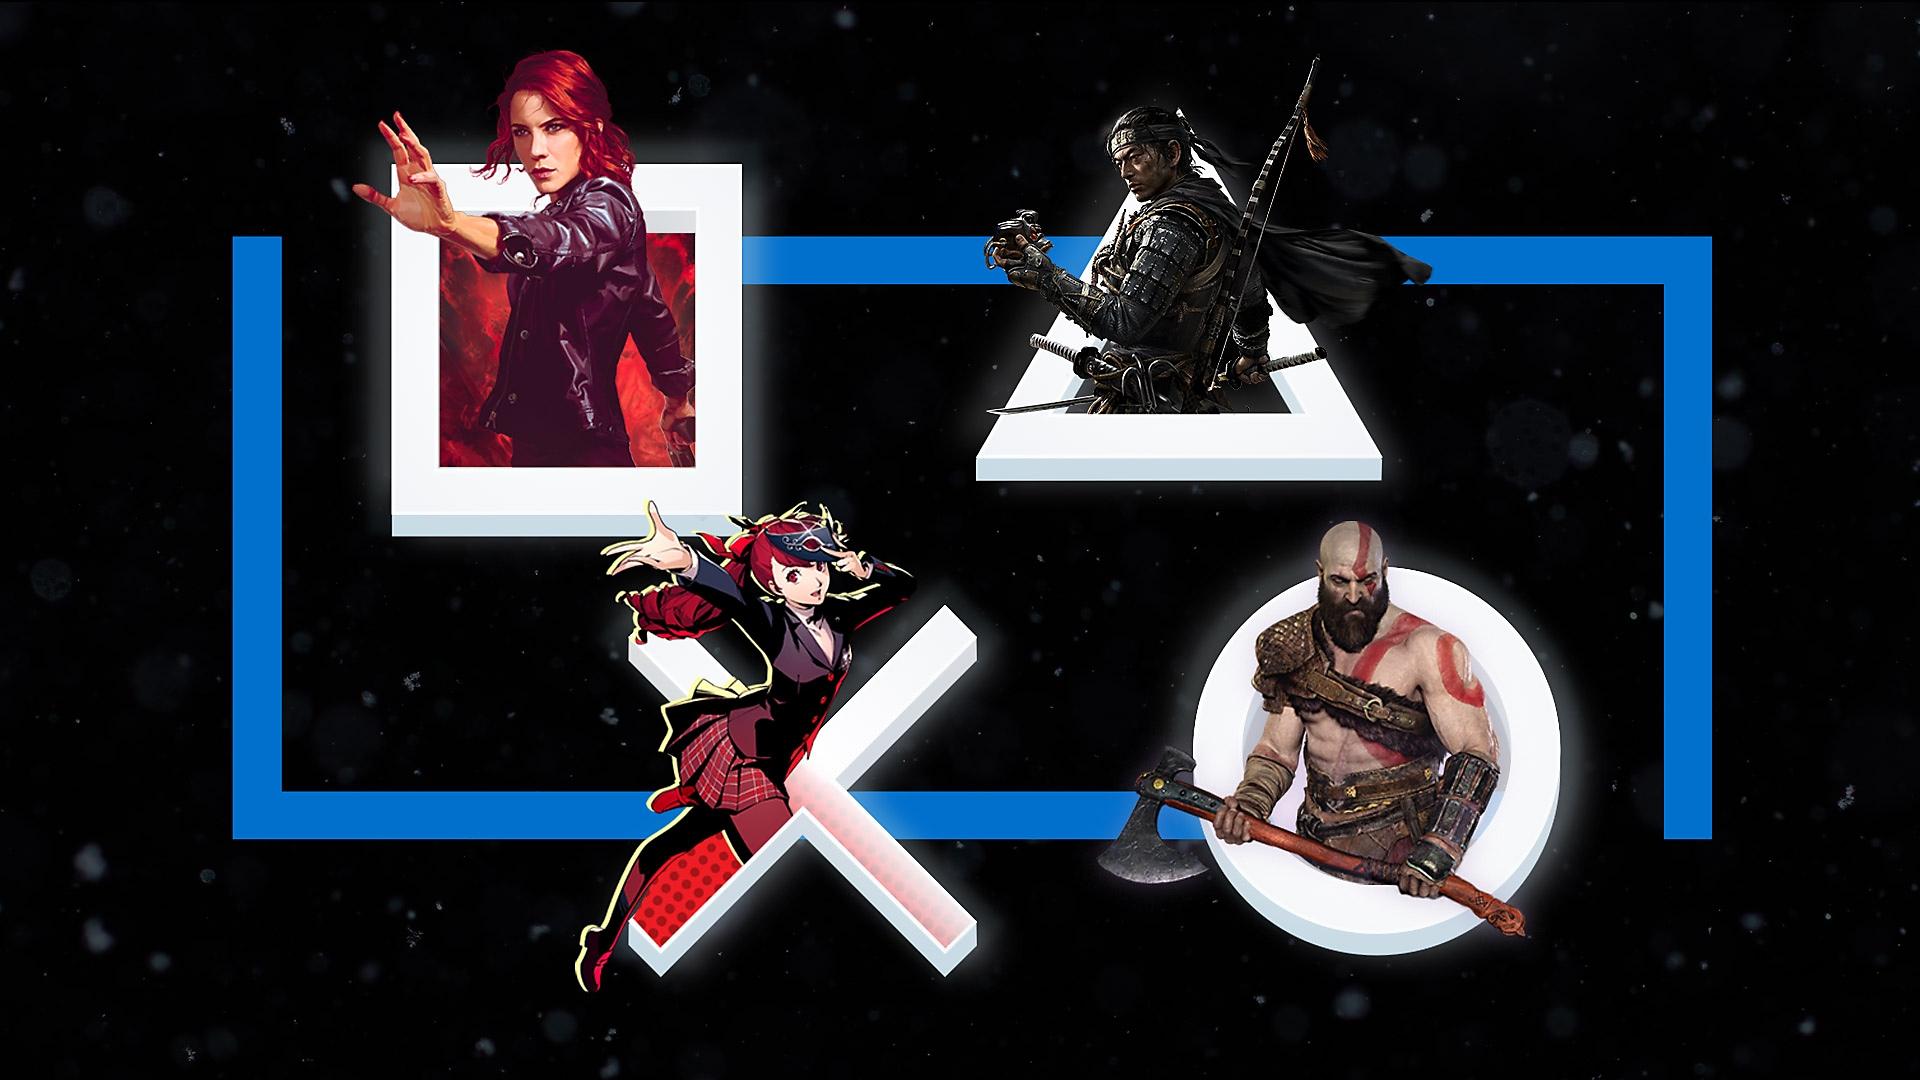 الصورة الفنية الترويجية للألعاب الرائعة المتوافقة مع الإصدارات السابقة متاحة للعب على PS5